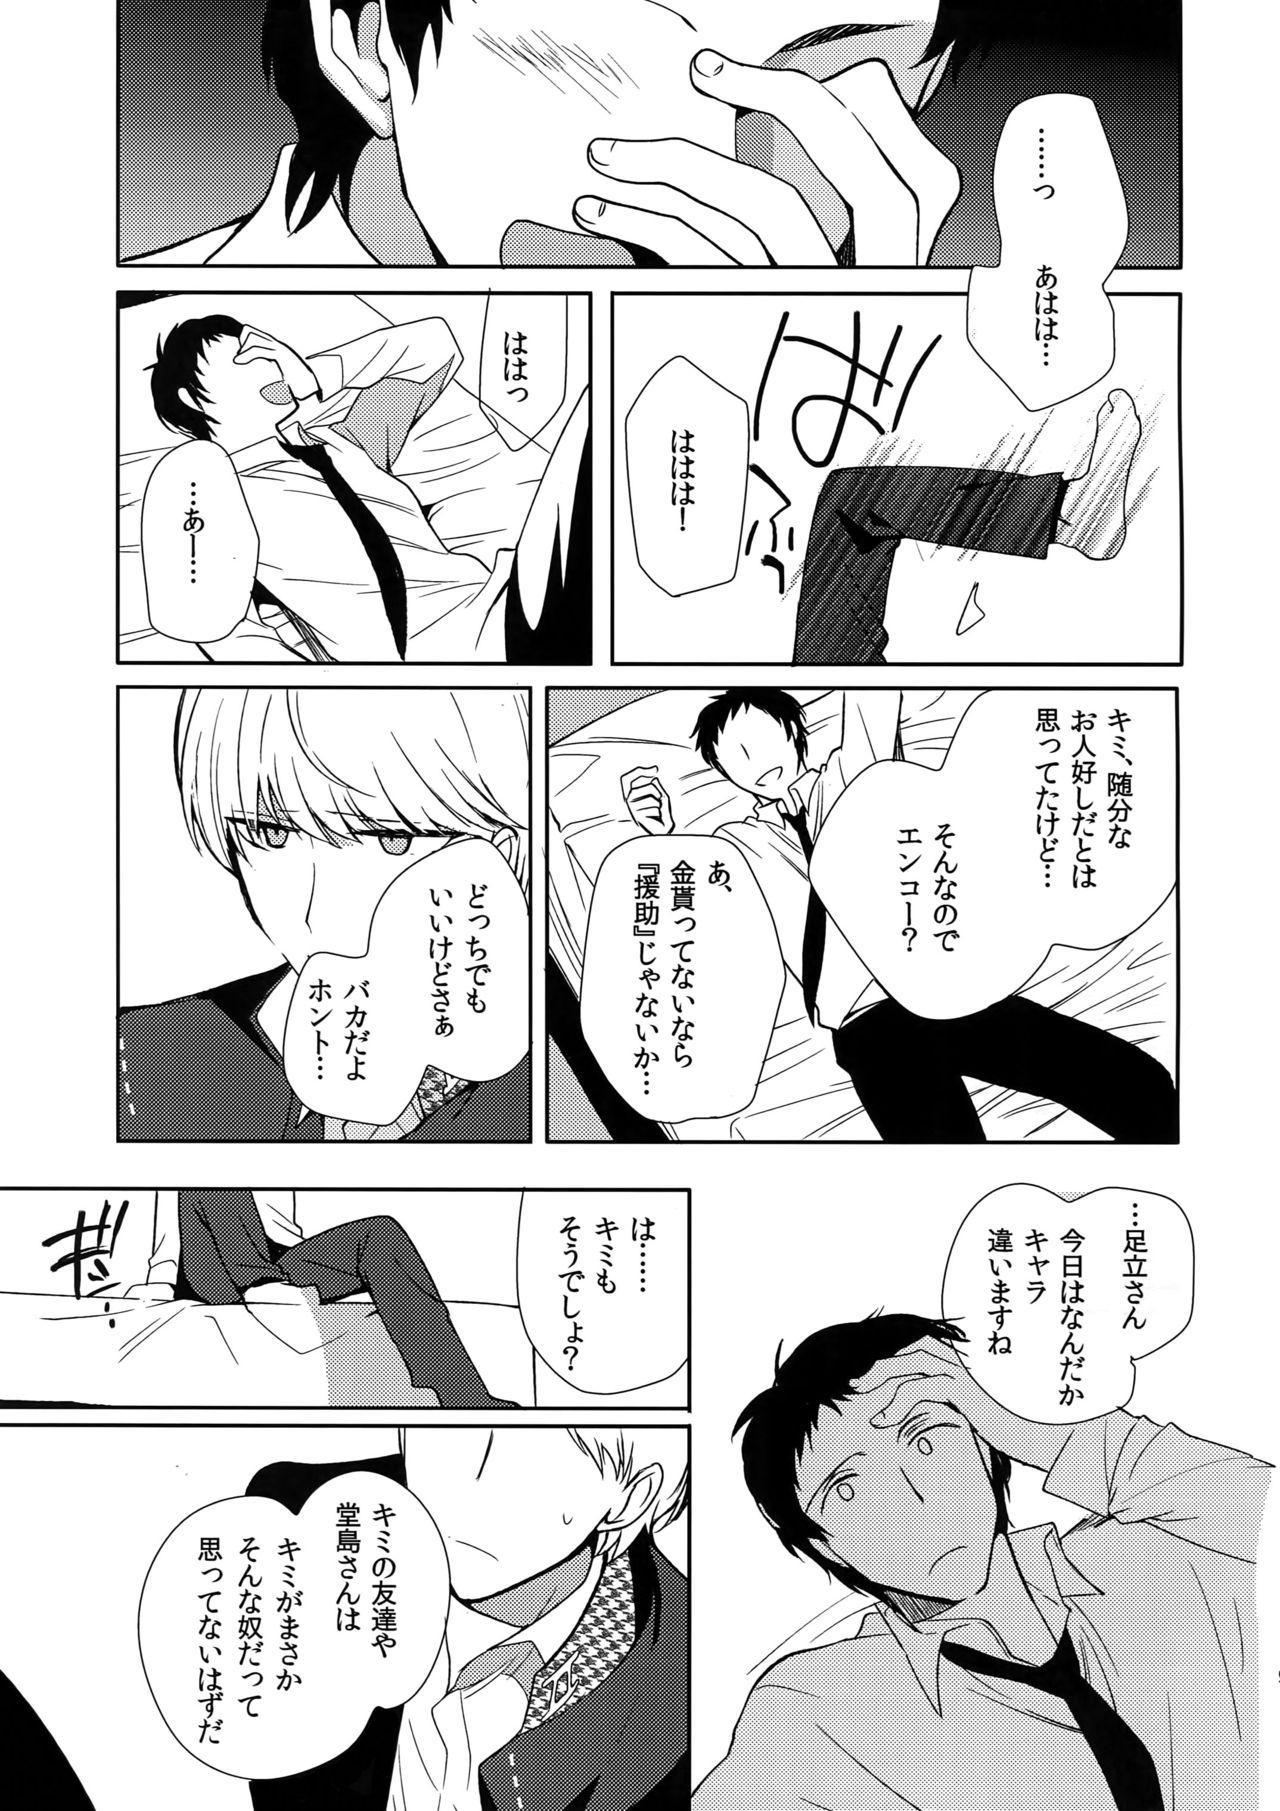 Inu no Fushimatsu 7